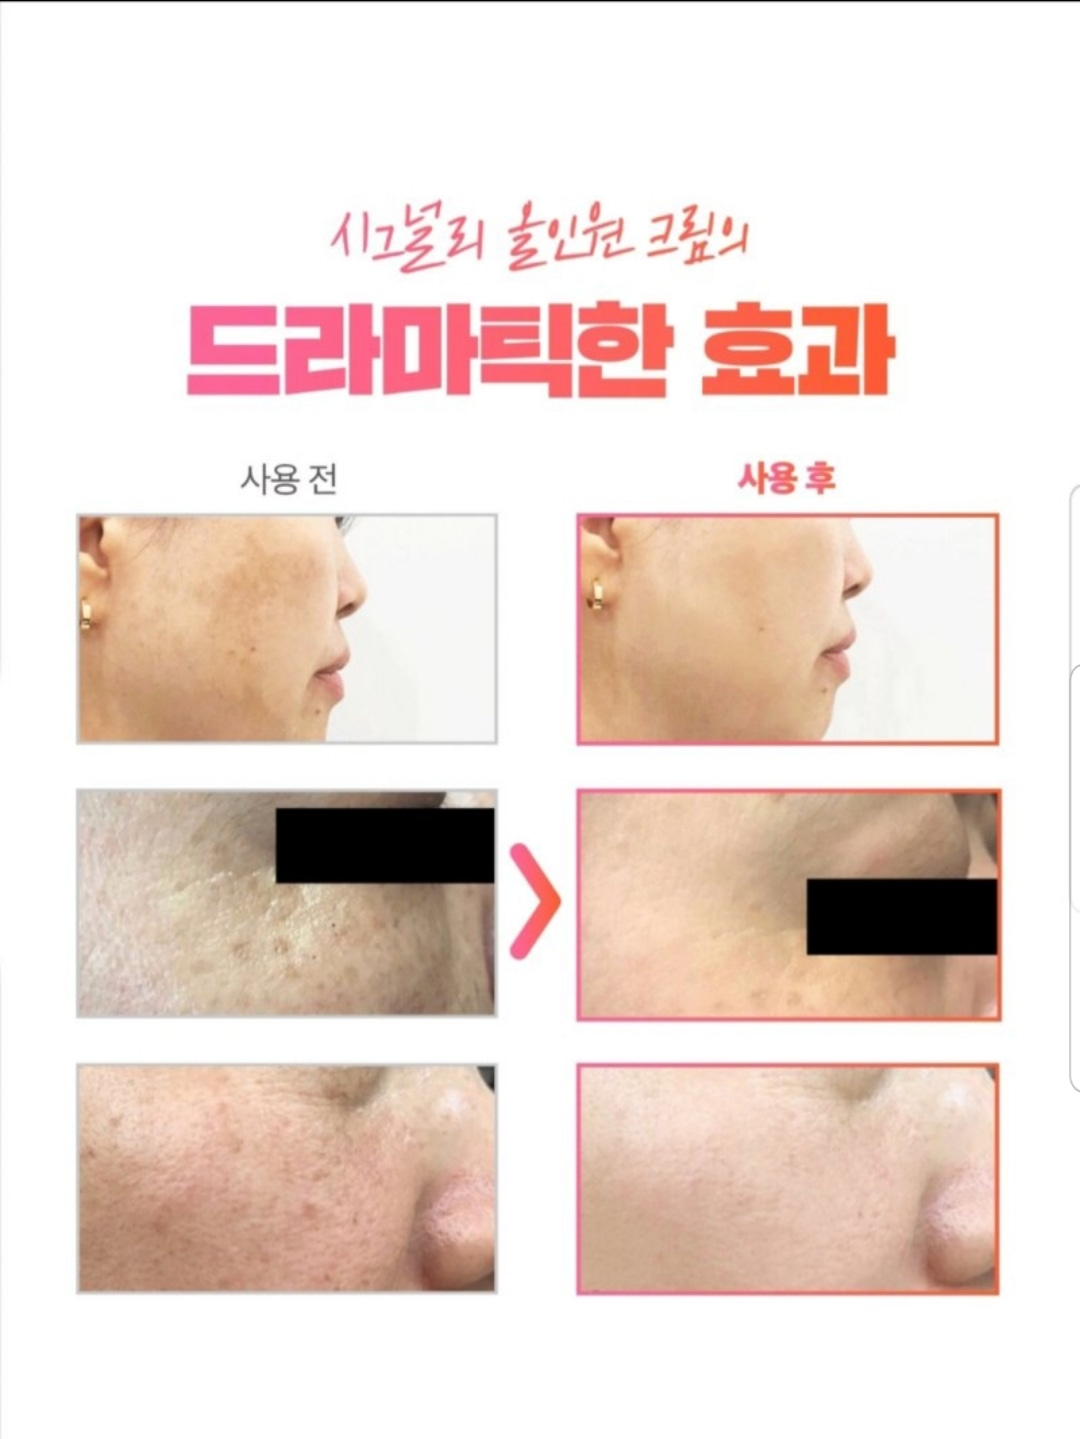 시그널리 올인원크림 화장품 (새상품)